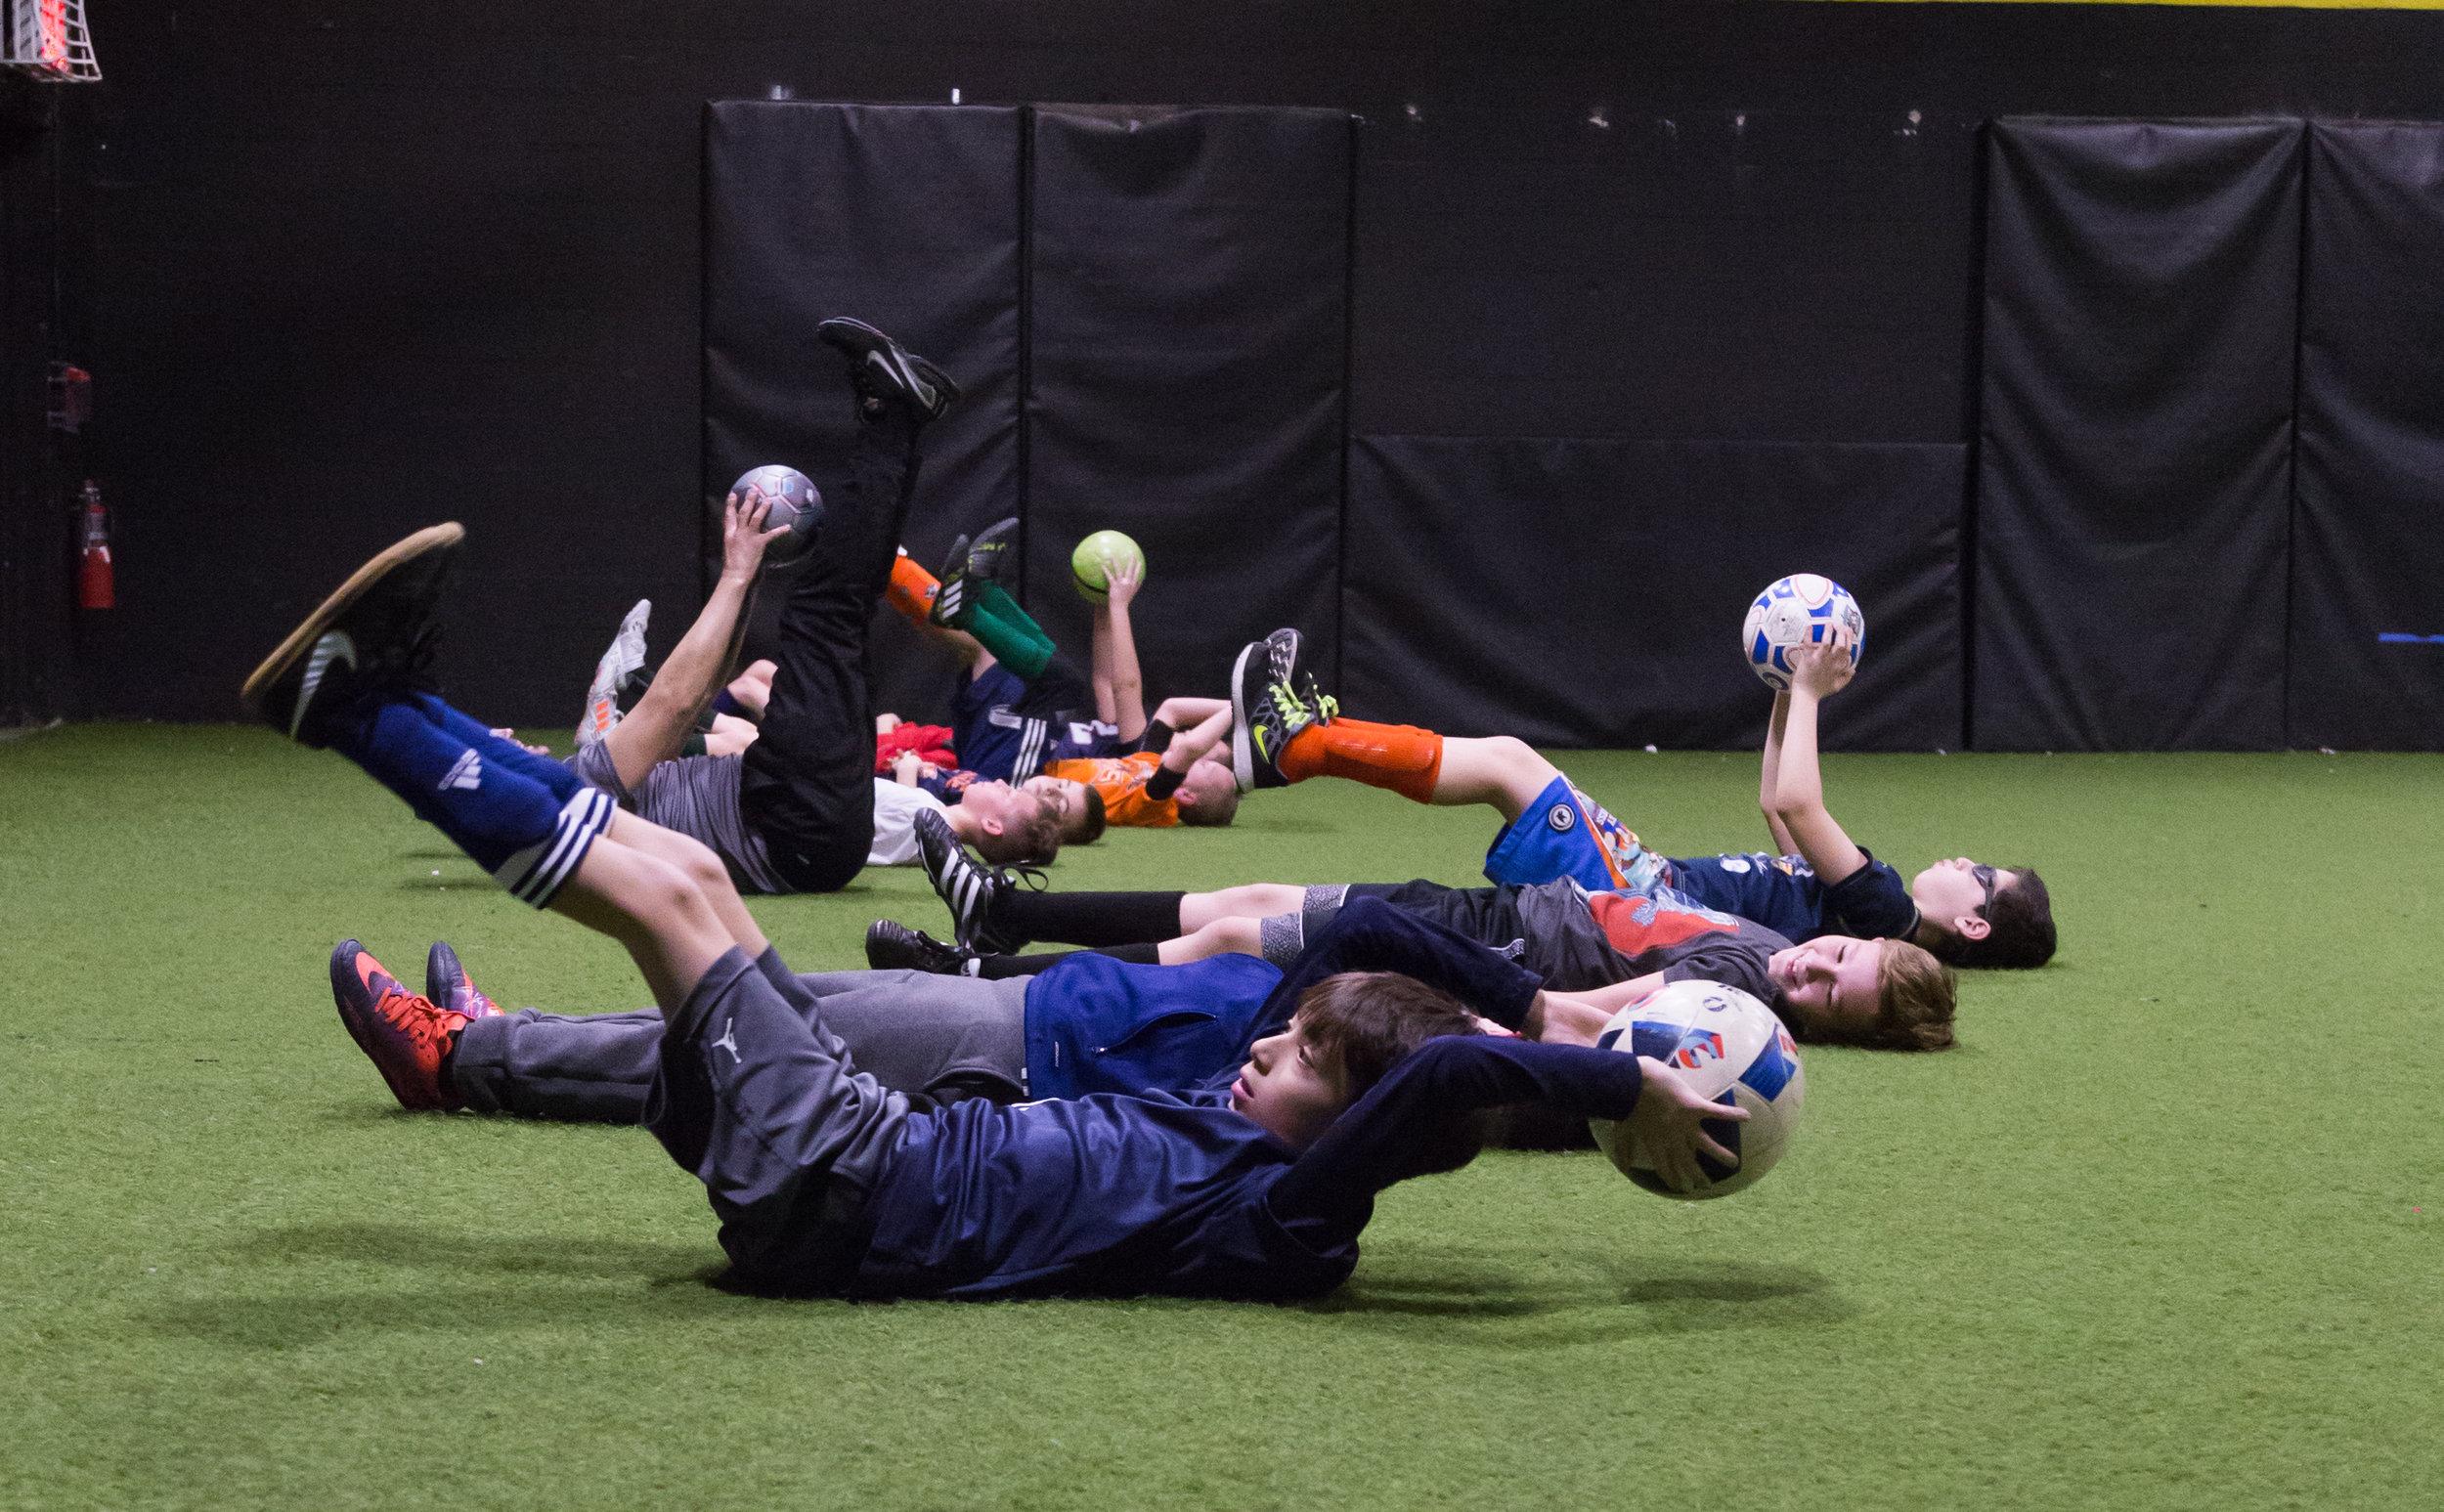 2018-01-13_Showtime_Soccer_Training-41.jpg